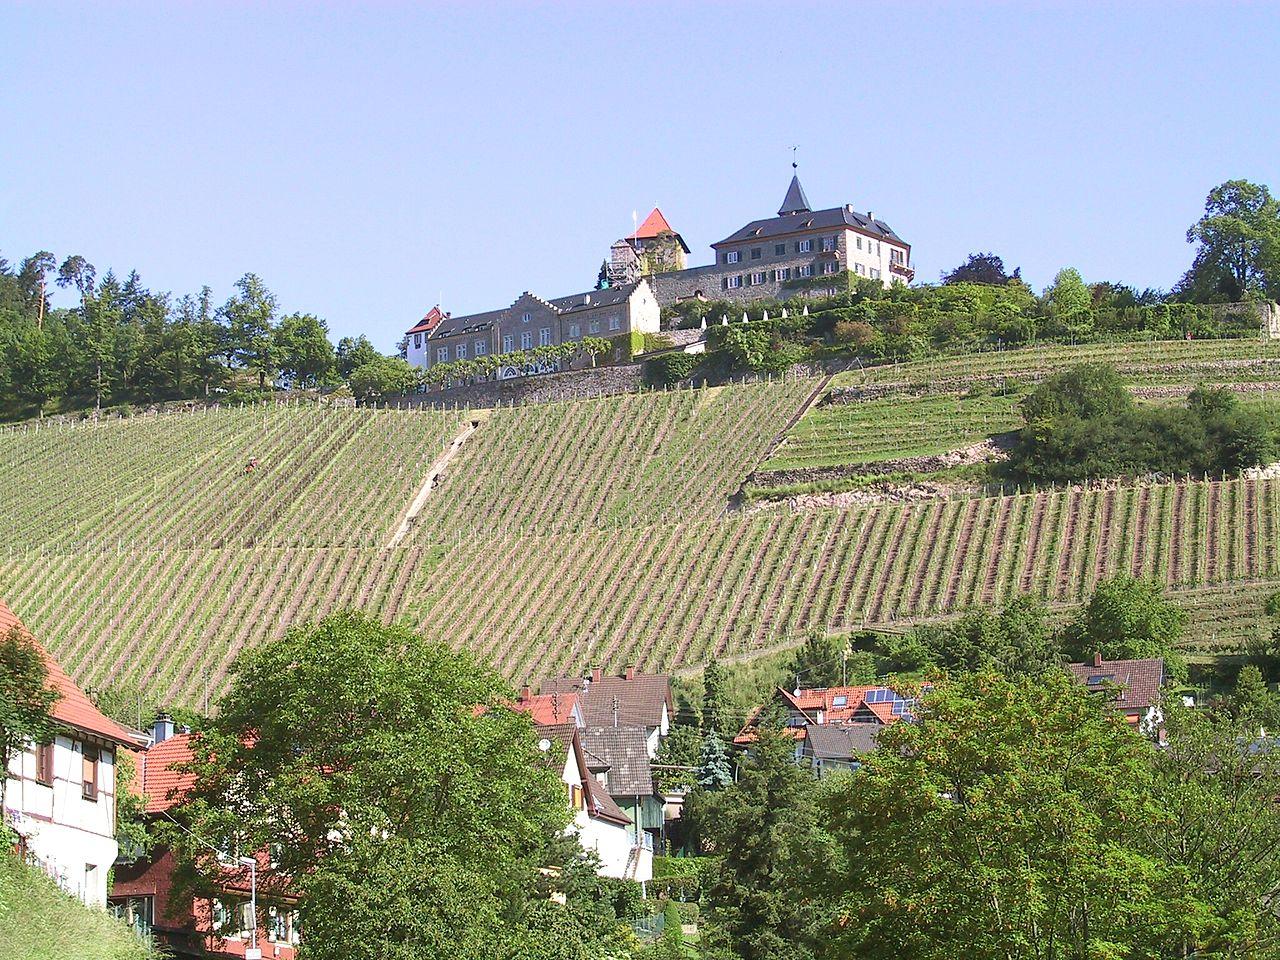 Bild Schloss Eberstein Gernsbach